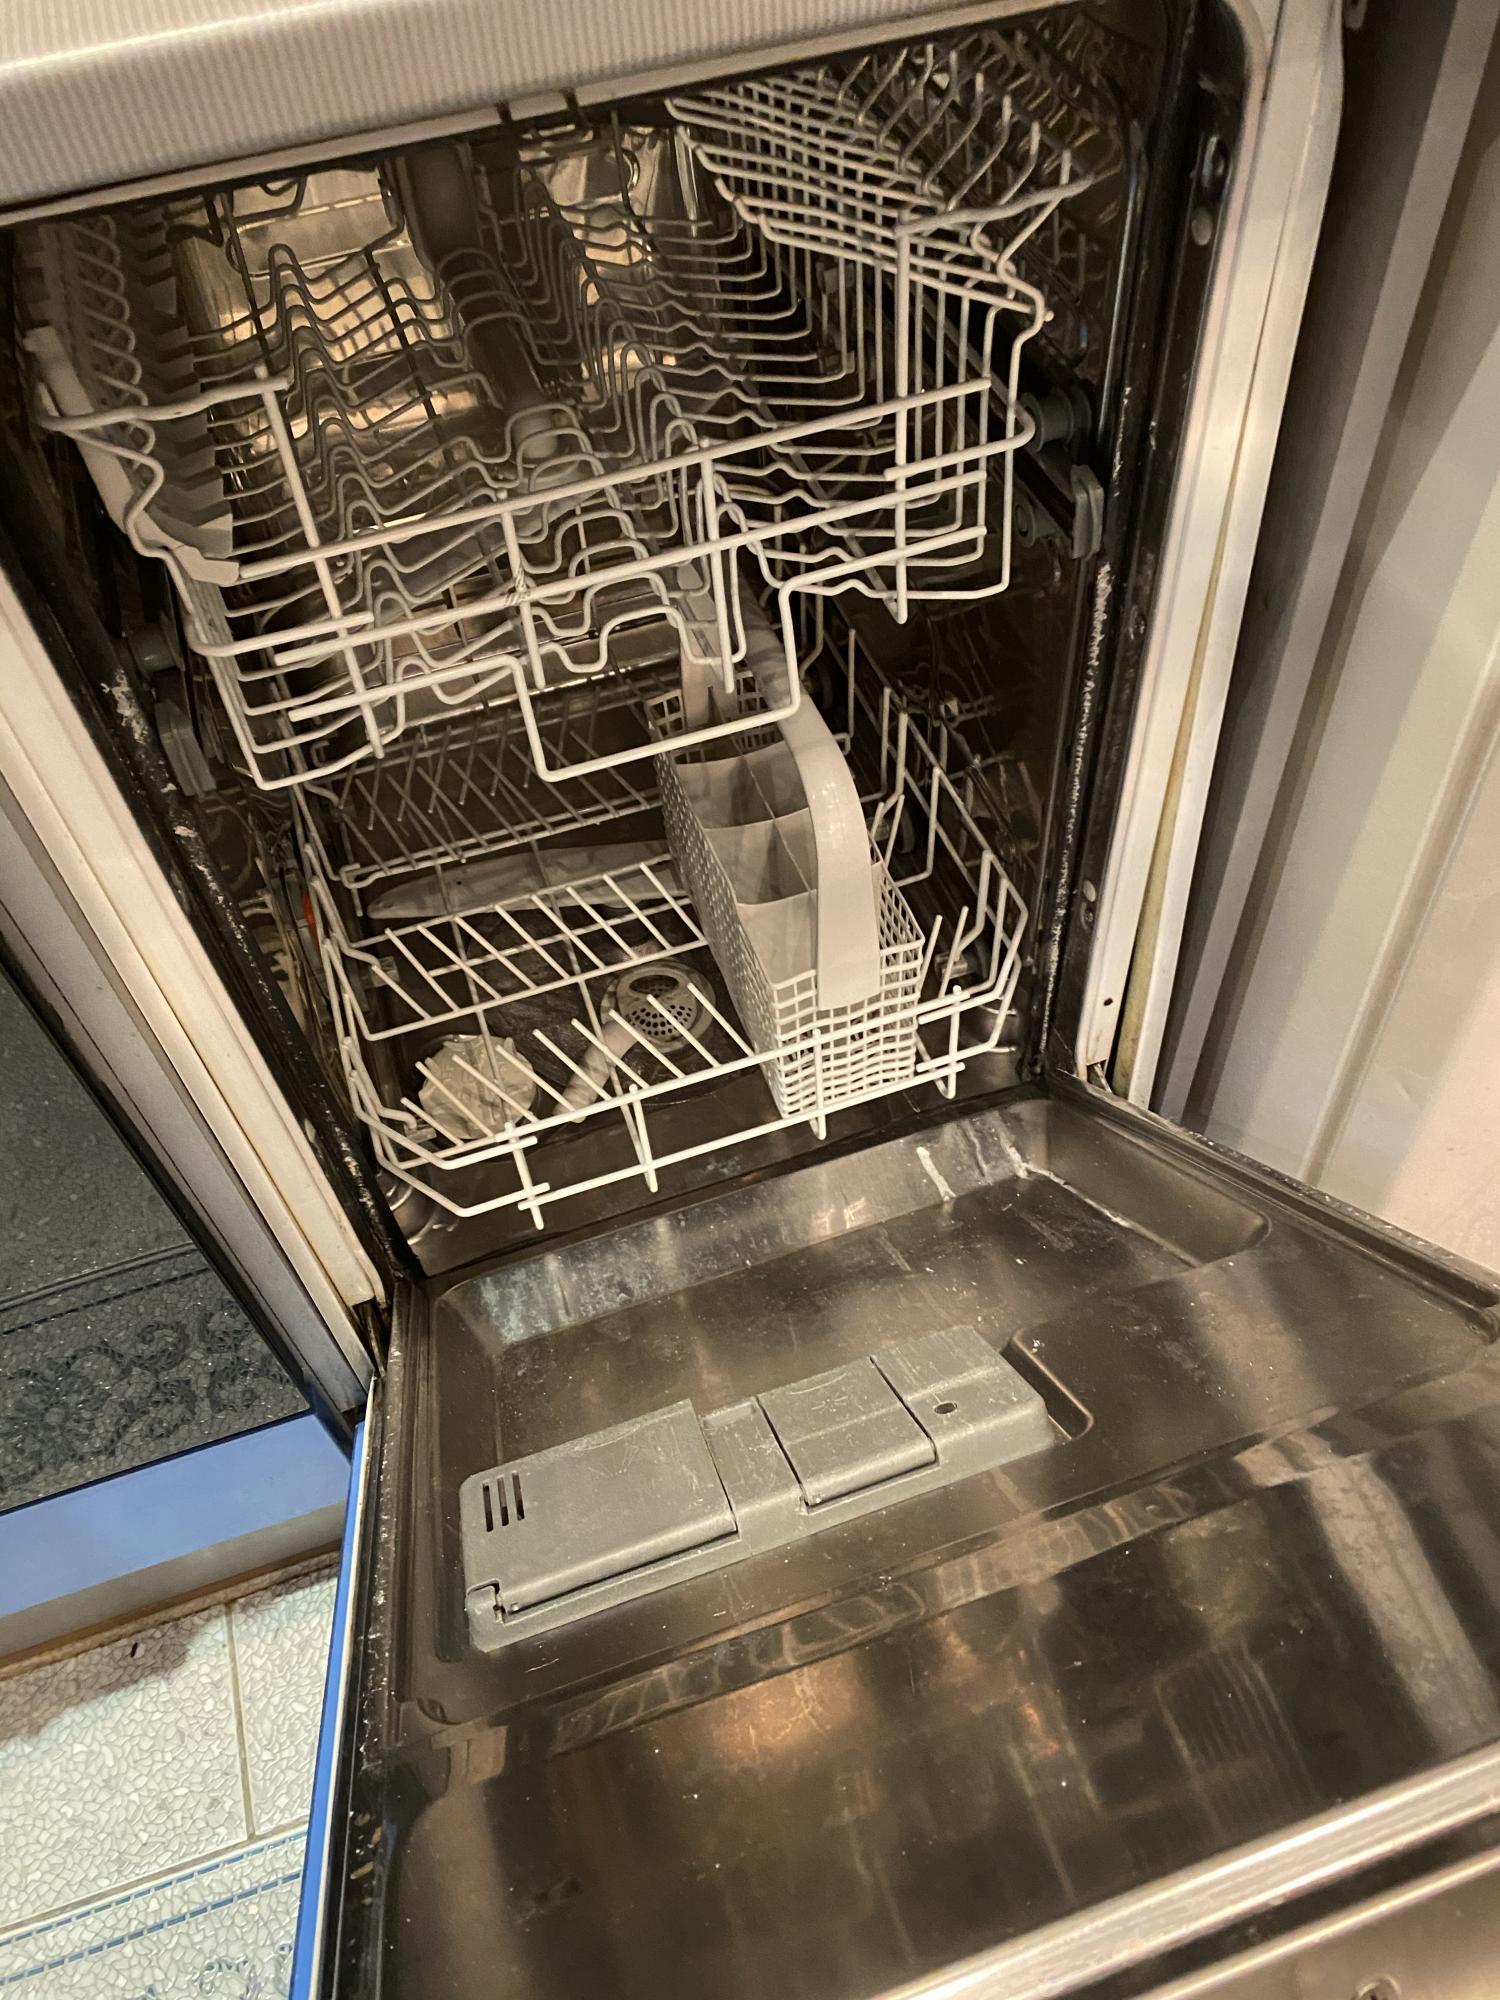 Посудомойка zanussi в Москве 89032832228 купить 3